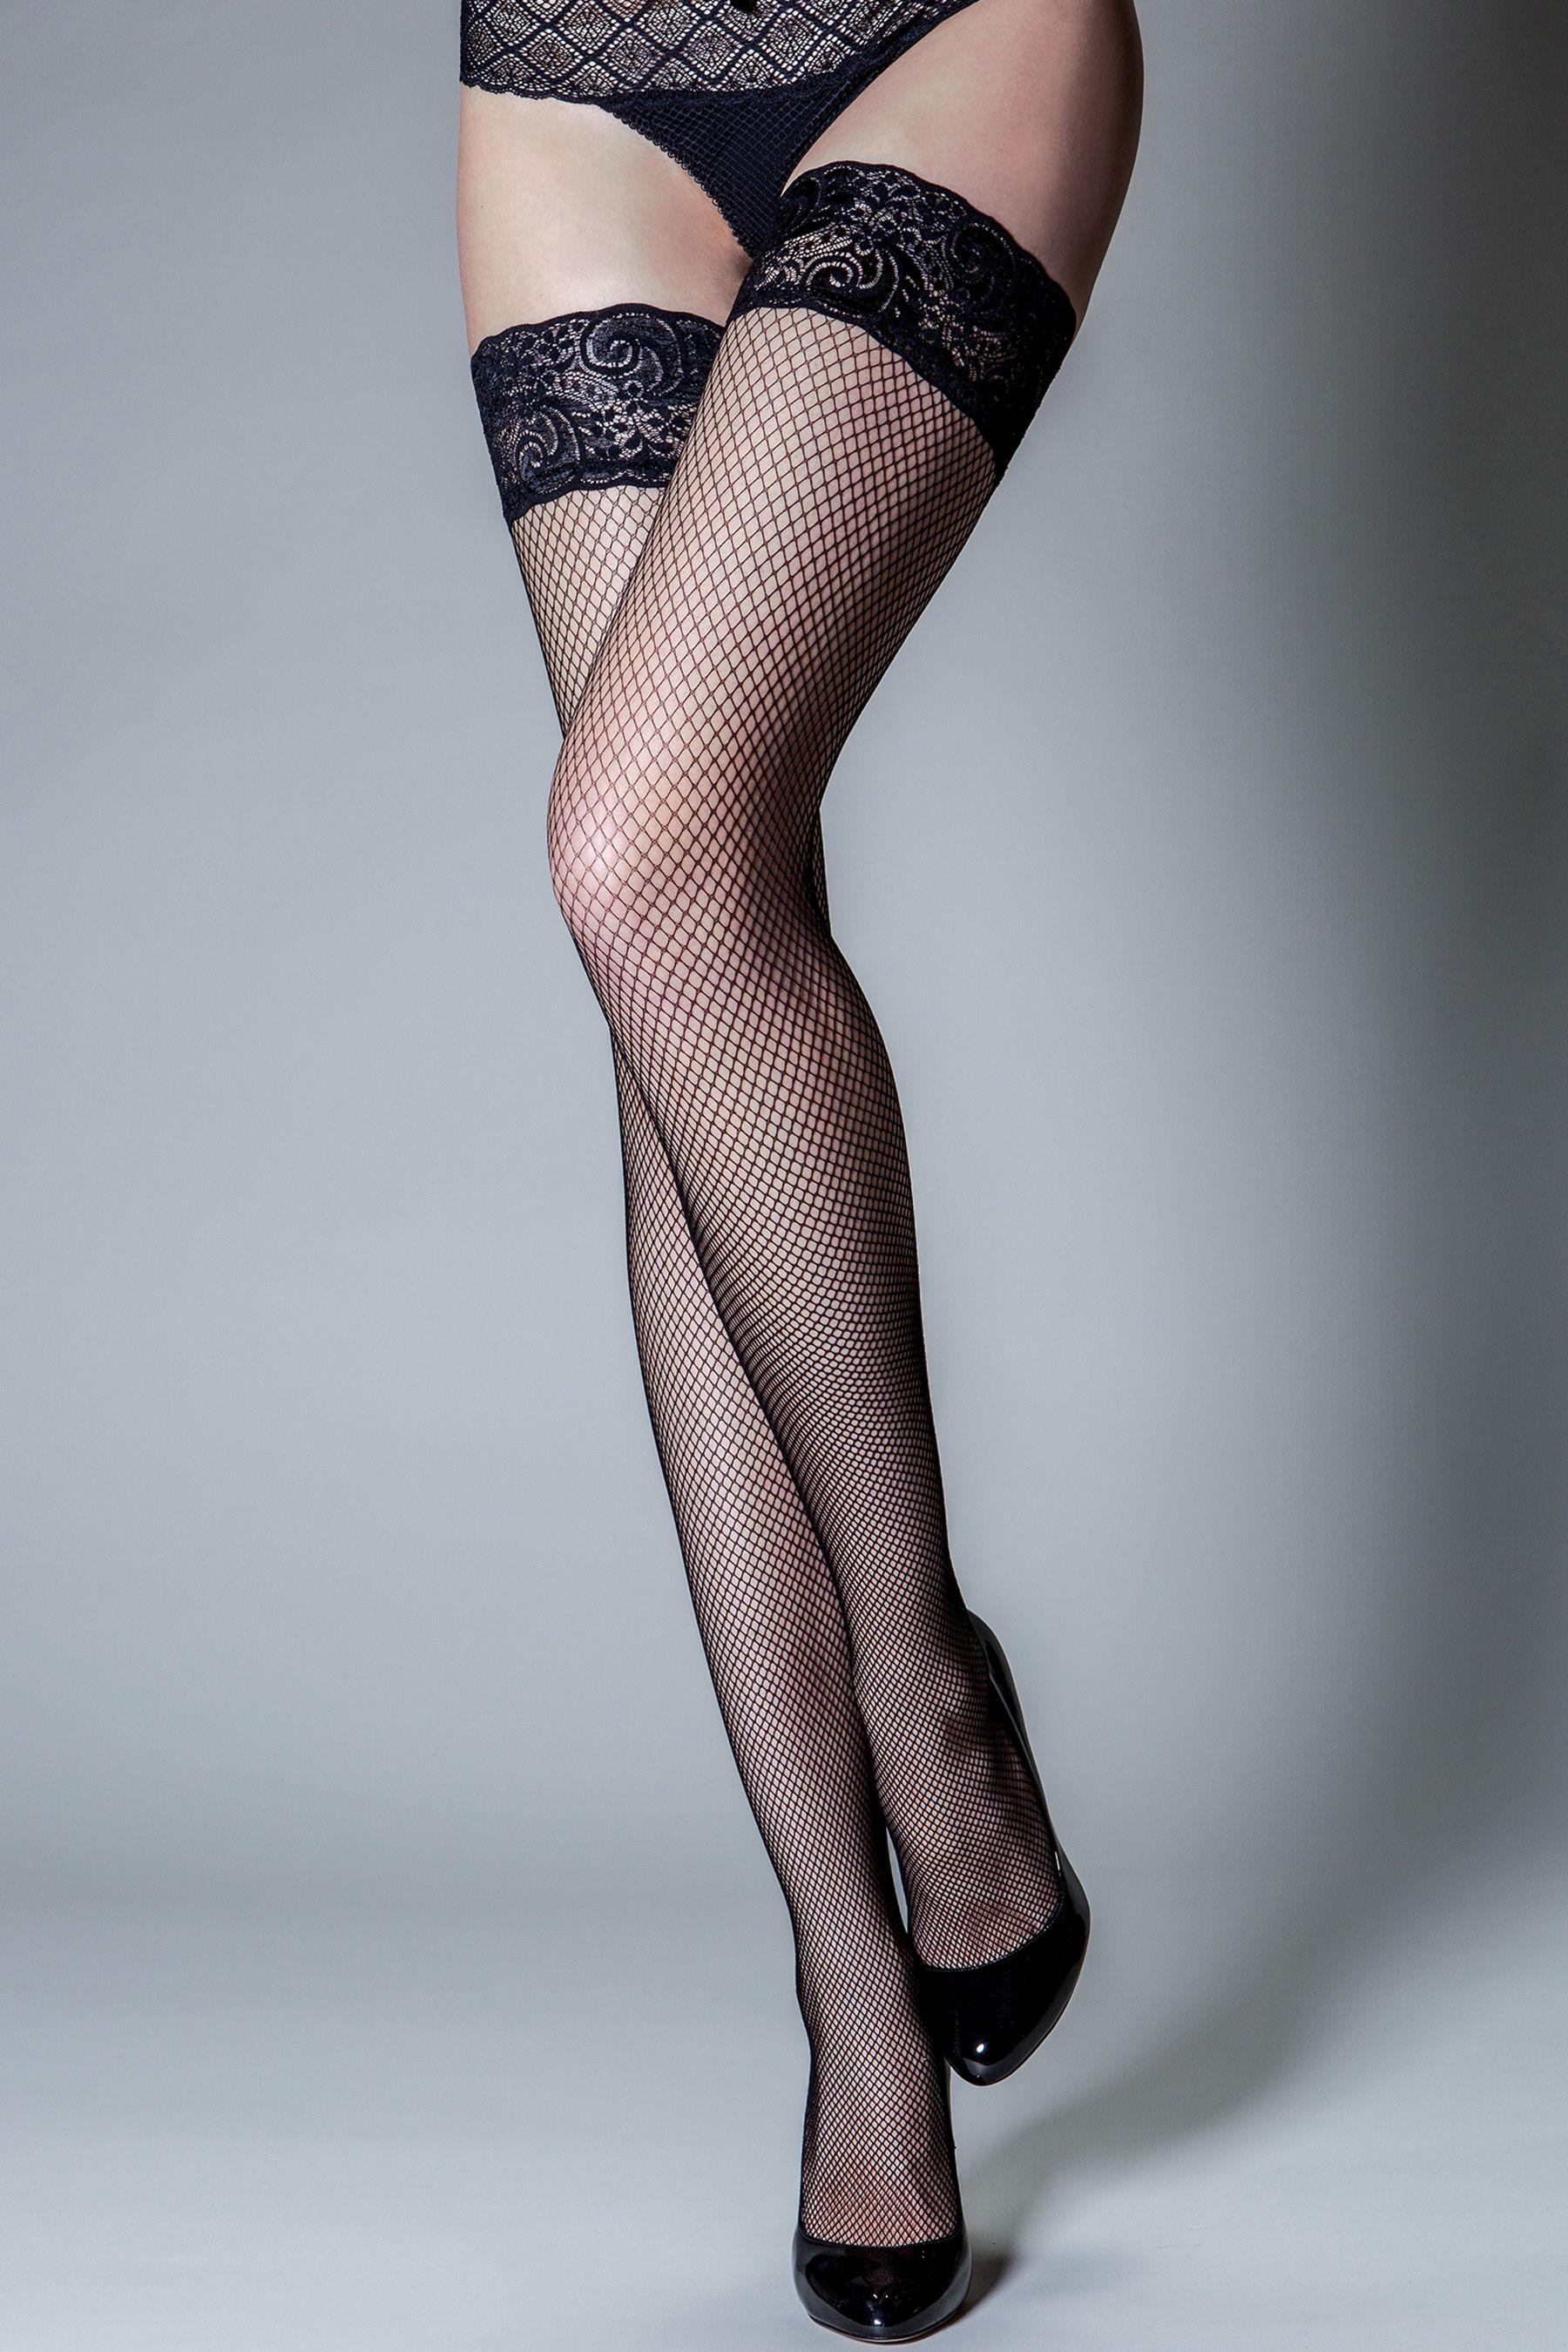 0bd93d47a Womens Pour Moi Tempt - Lace Top 15 Denier Fishnet Hold Up - Black ...